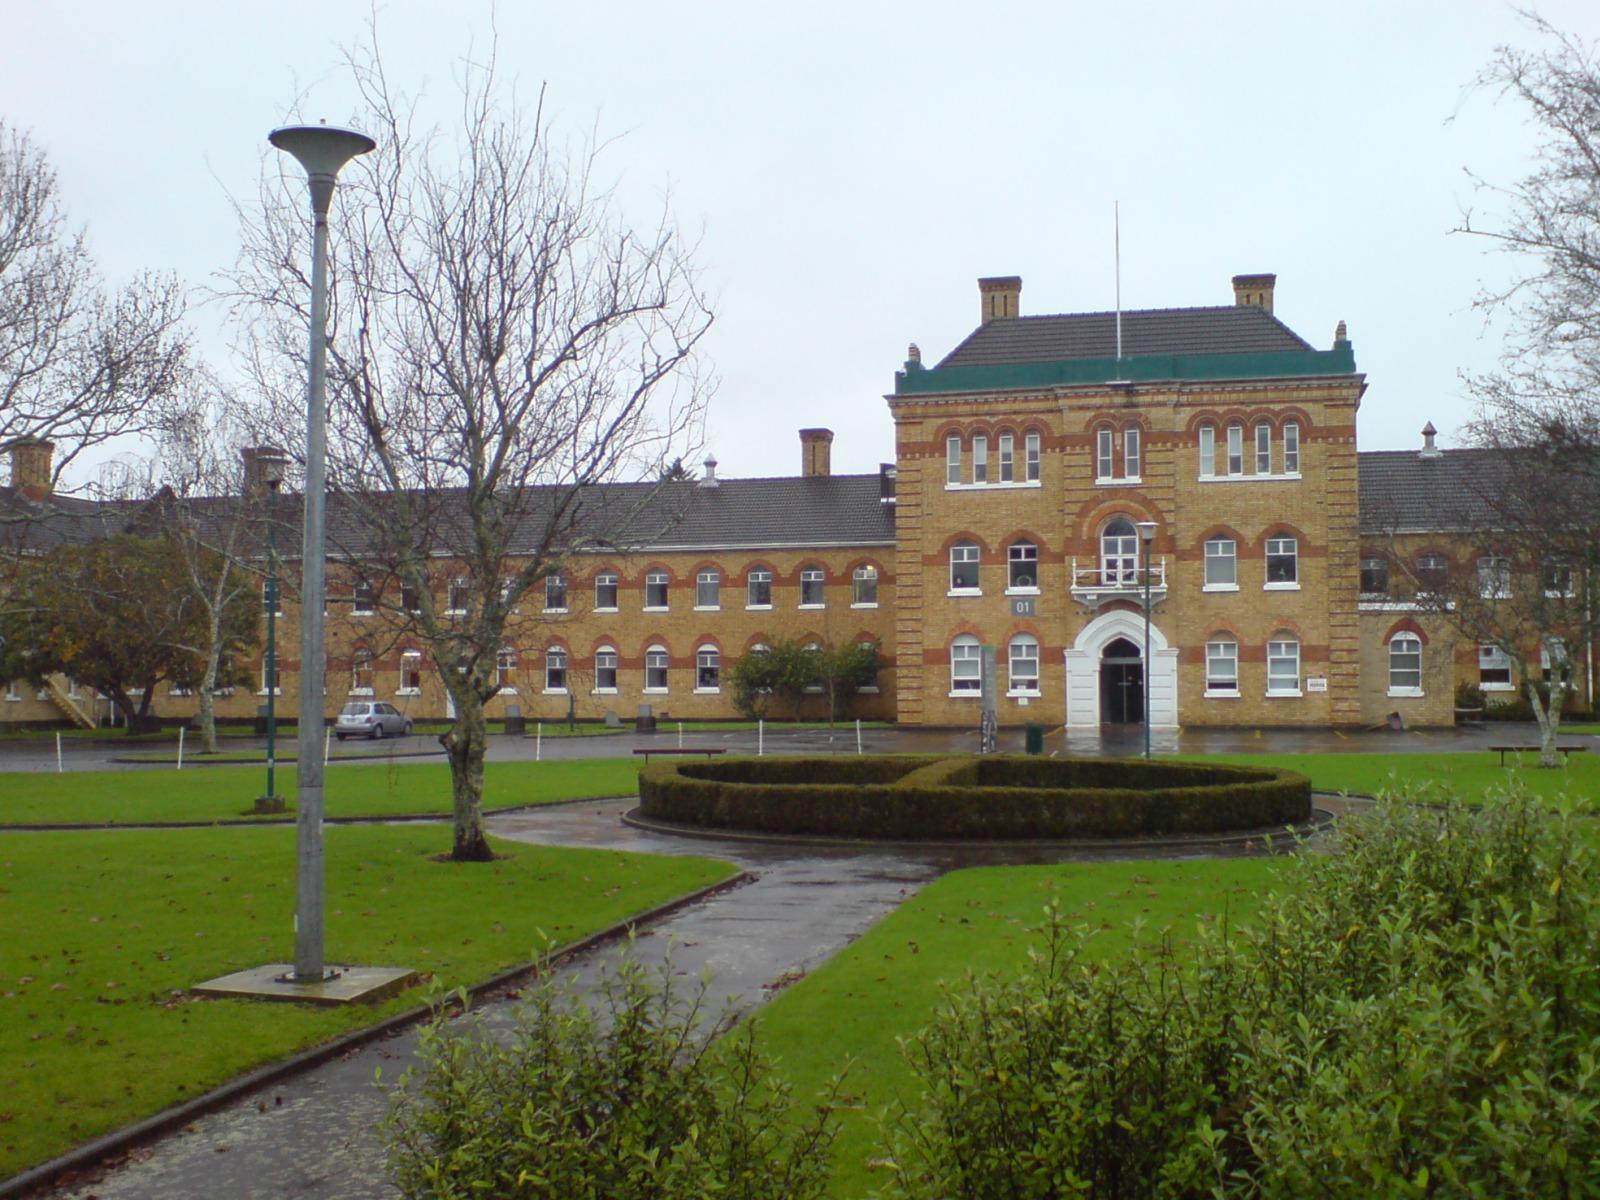 Unitec_Campus_Carrington_Rd.jpg (1600×1200)